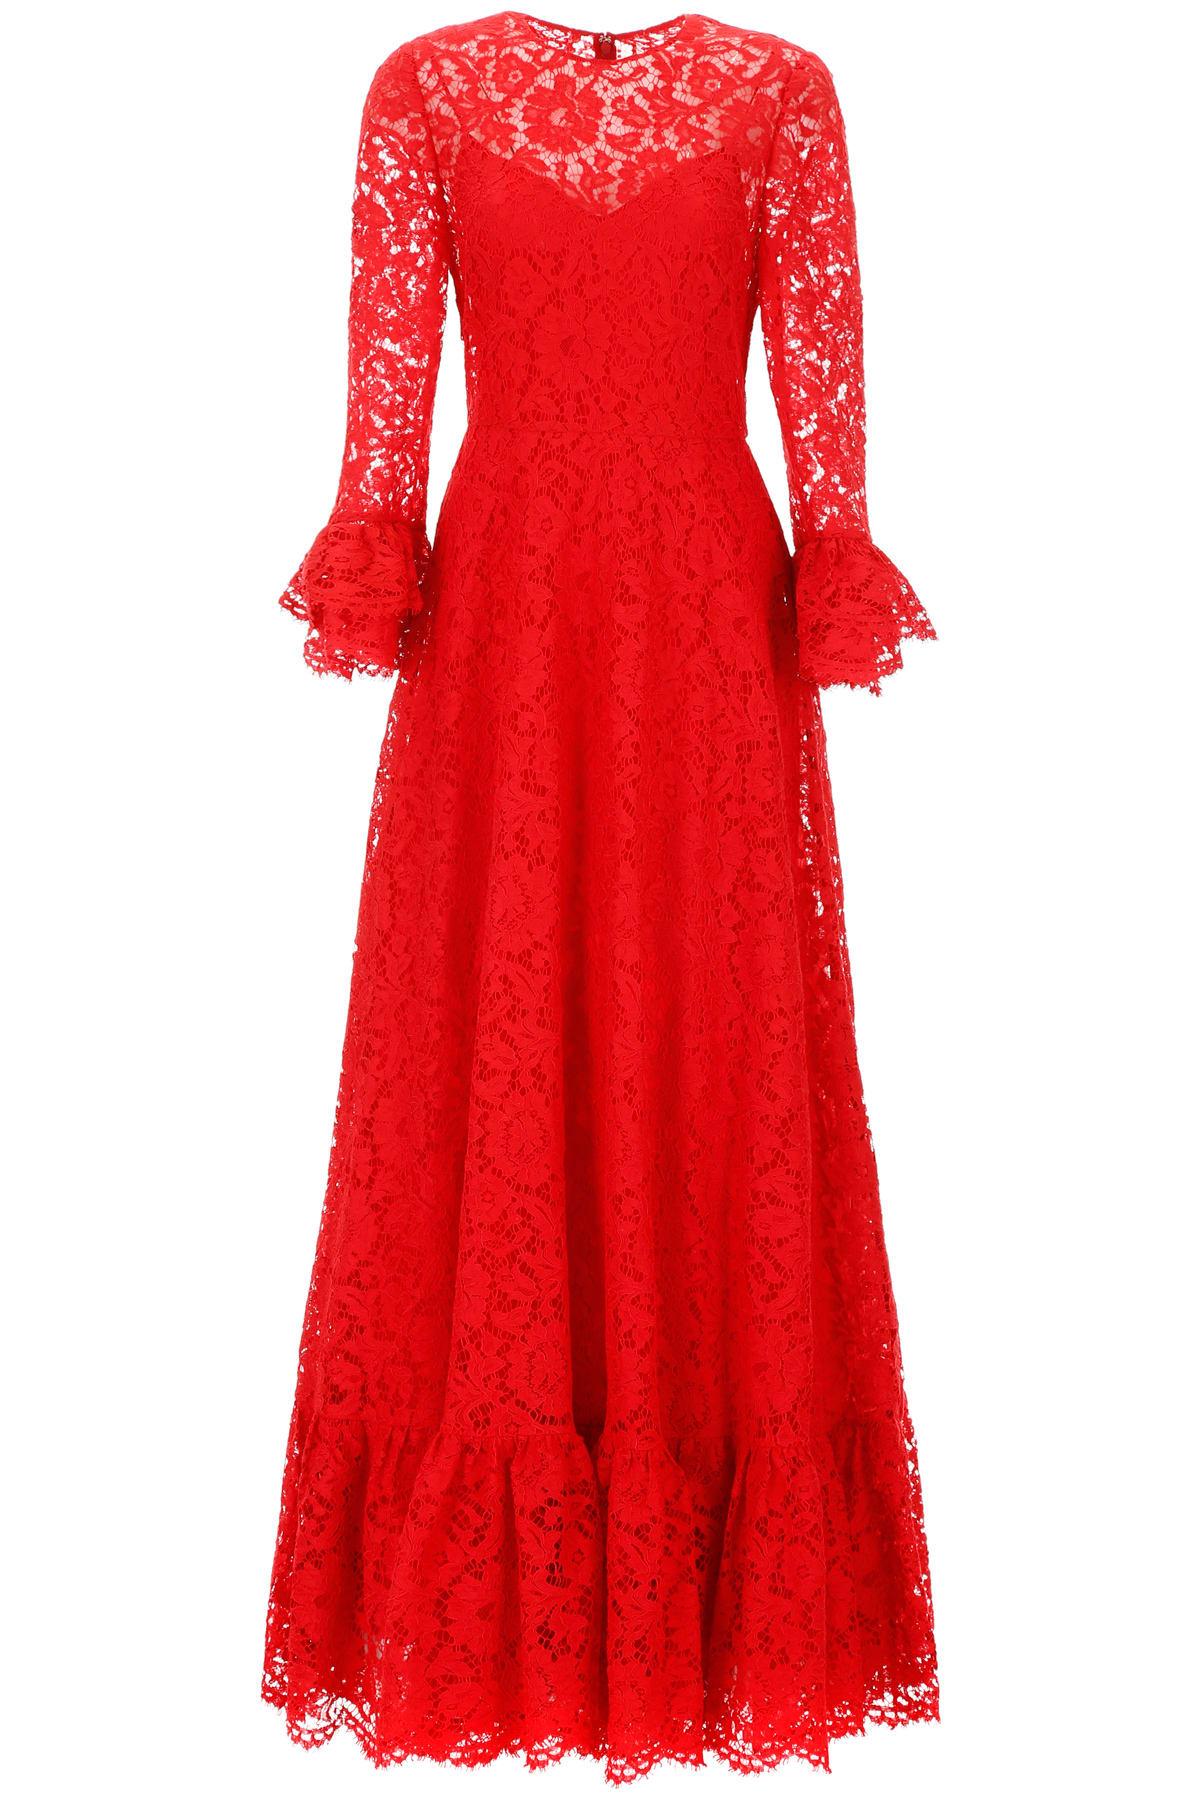 Valentino Long Lace Dress